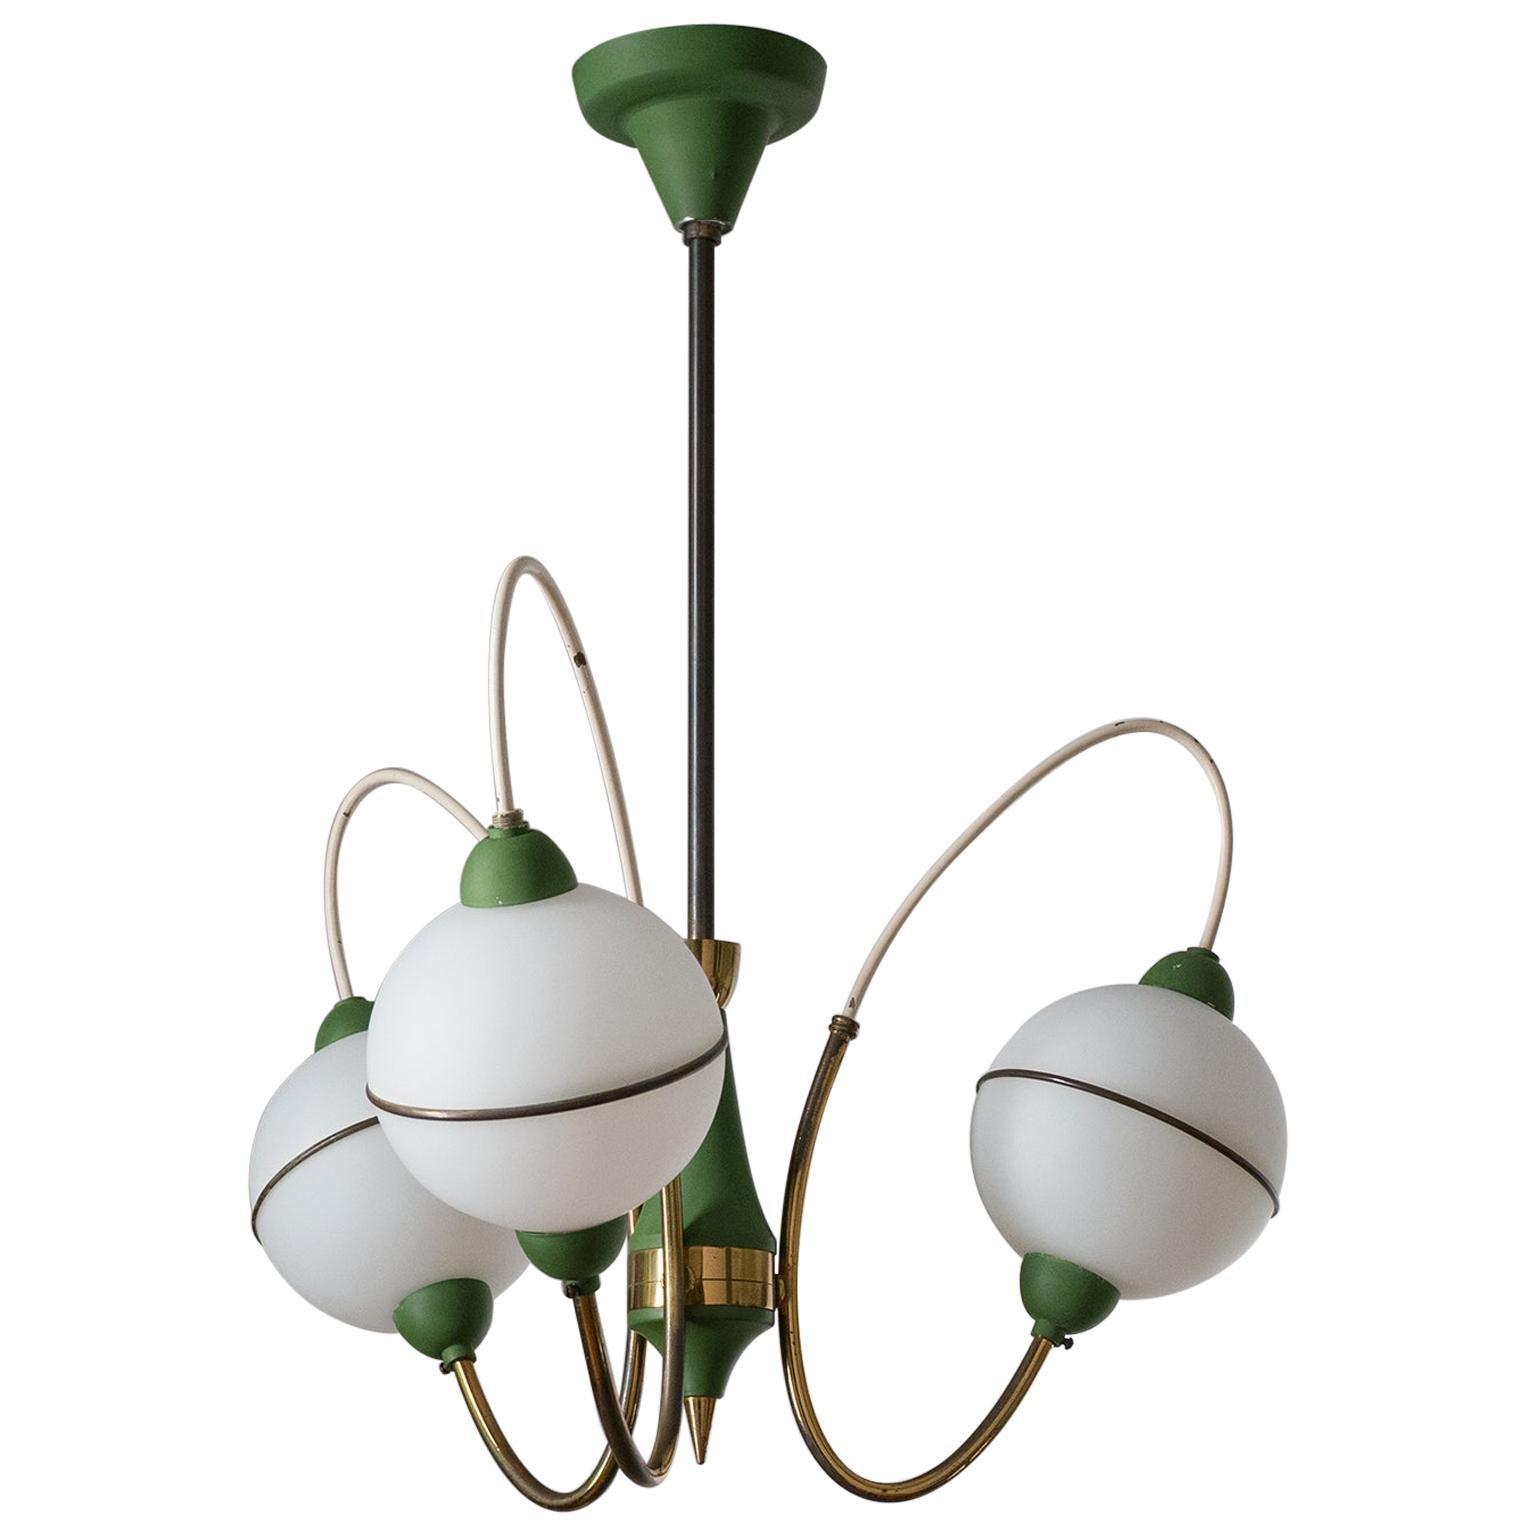 Italian Sputnik Chandelier, 1950s, Brass, Green and Satin Glass